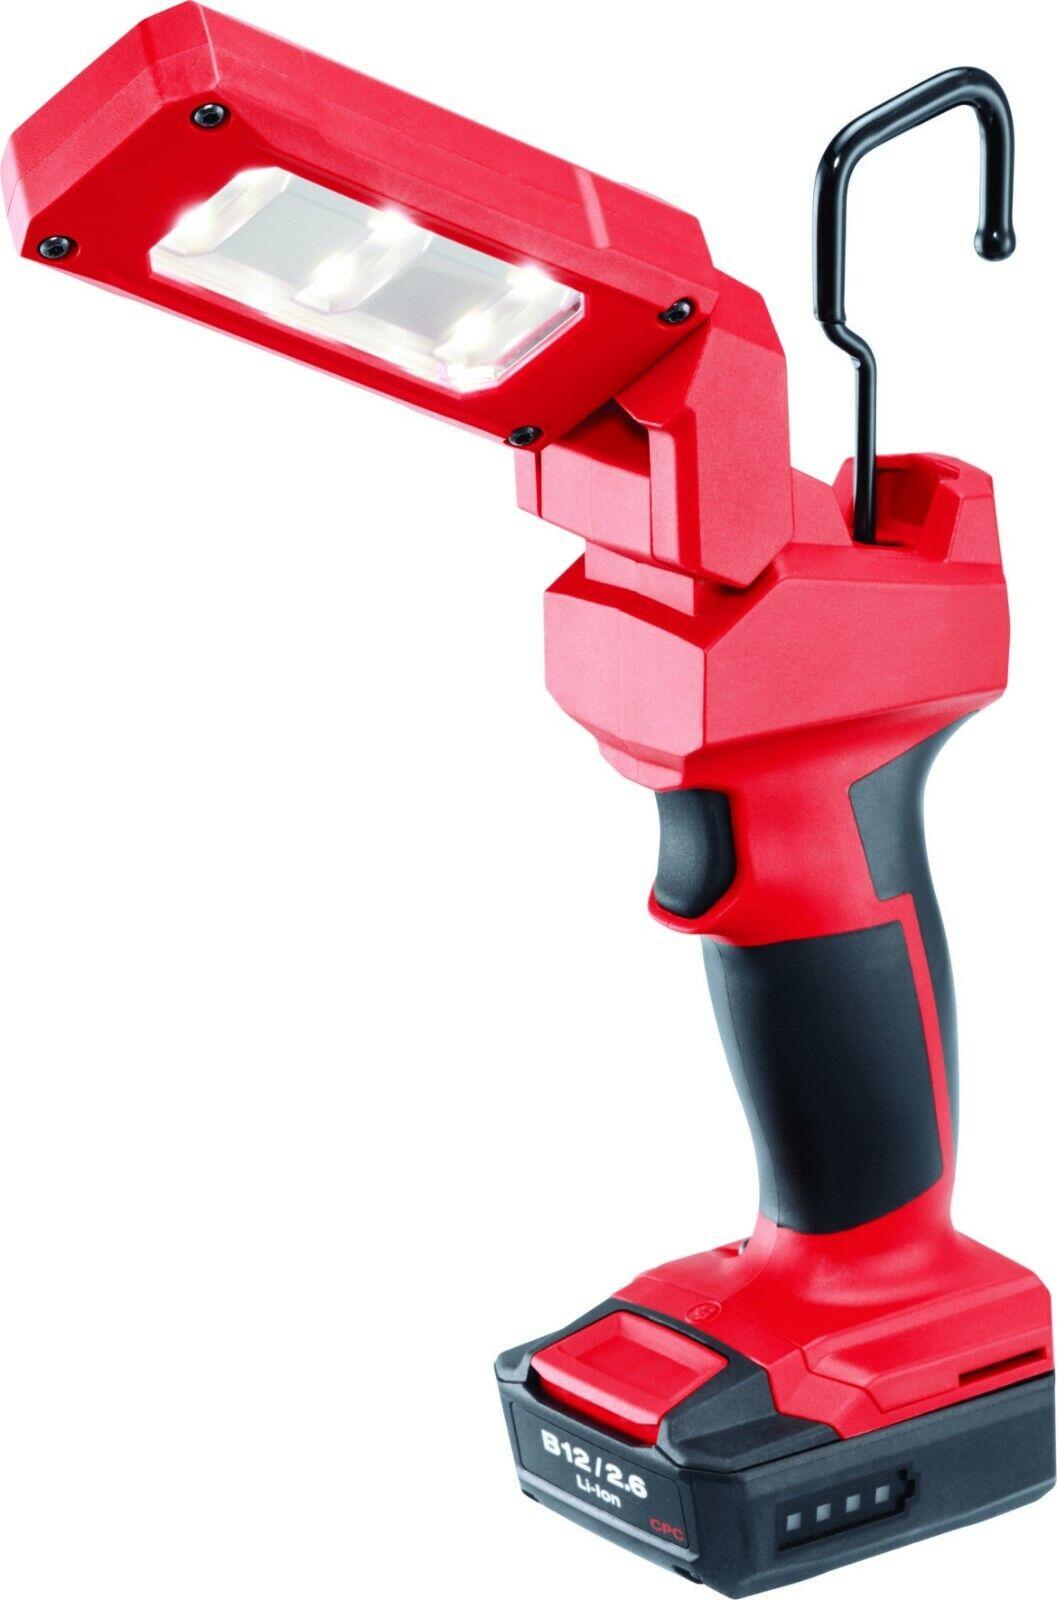 HILTI Led Akku-Lampe SL 2-A12 Hilti Strahler SL6, SL2  Hilti NEU in OVP